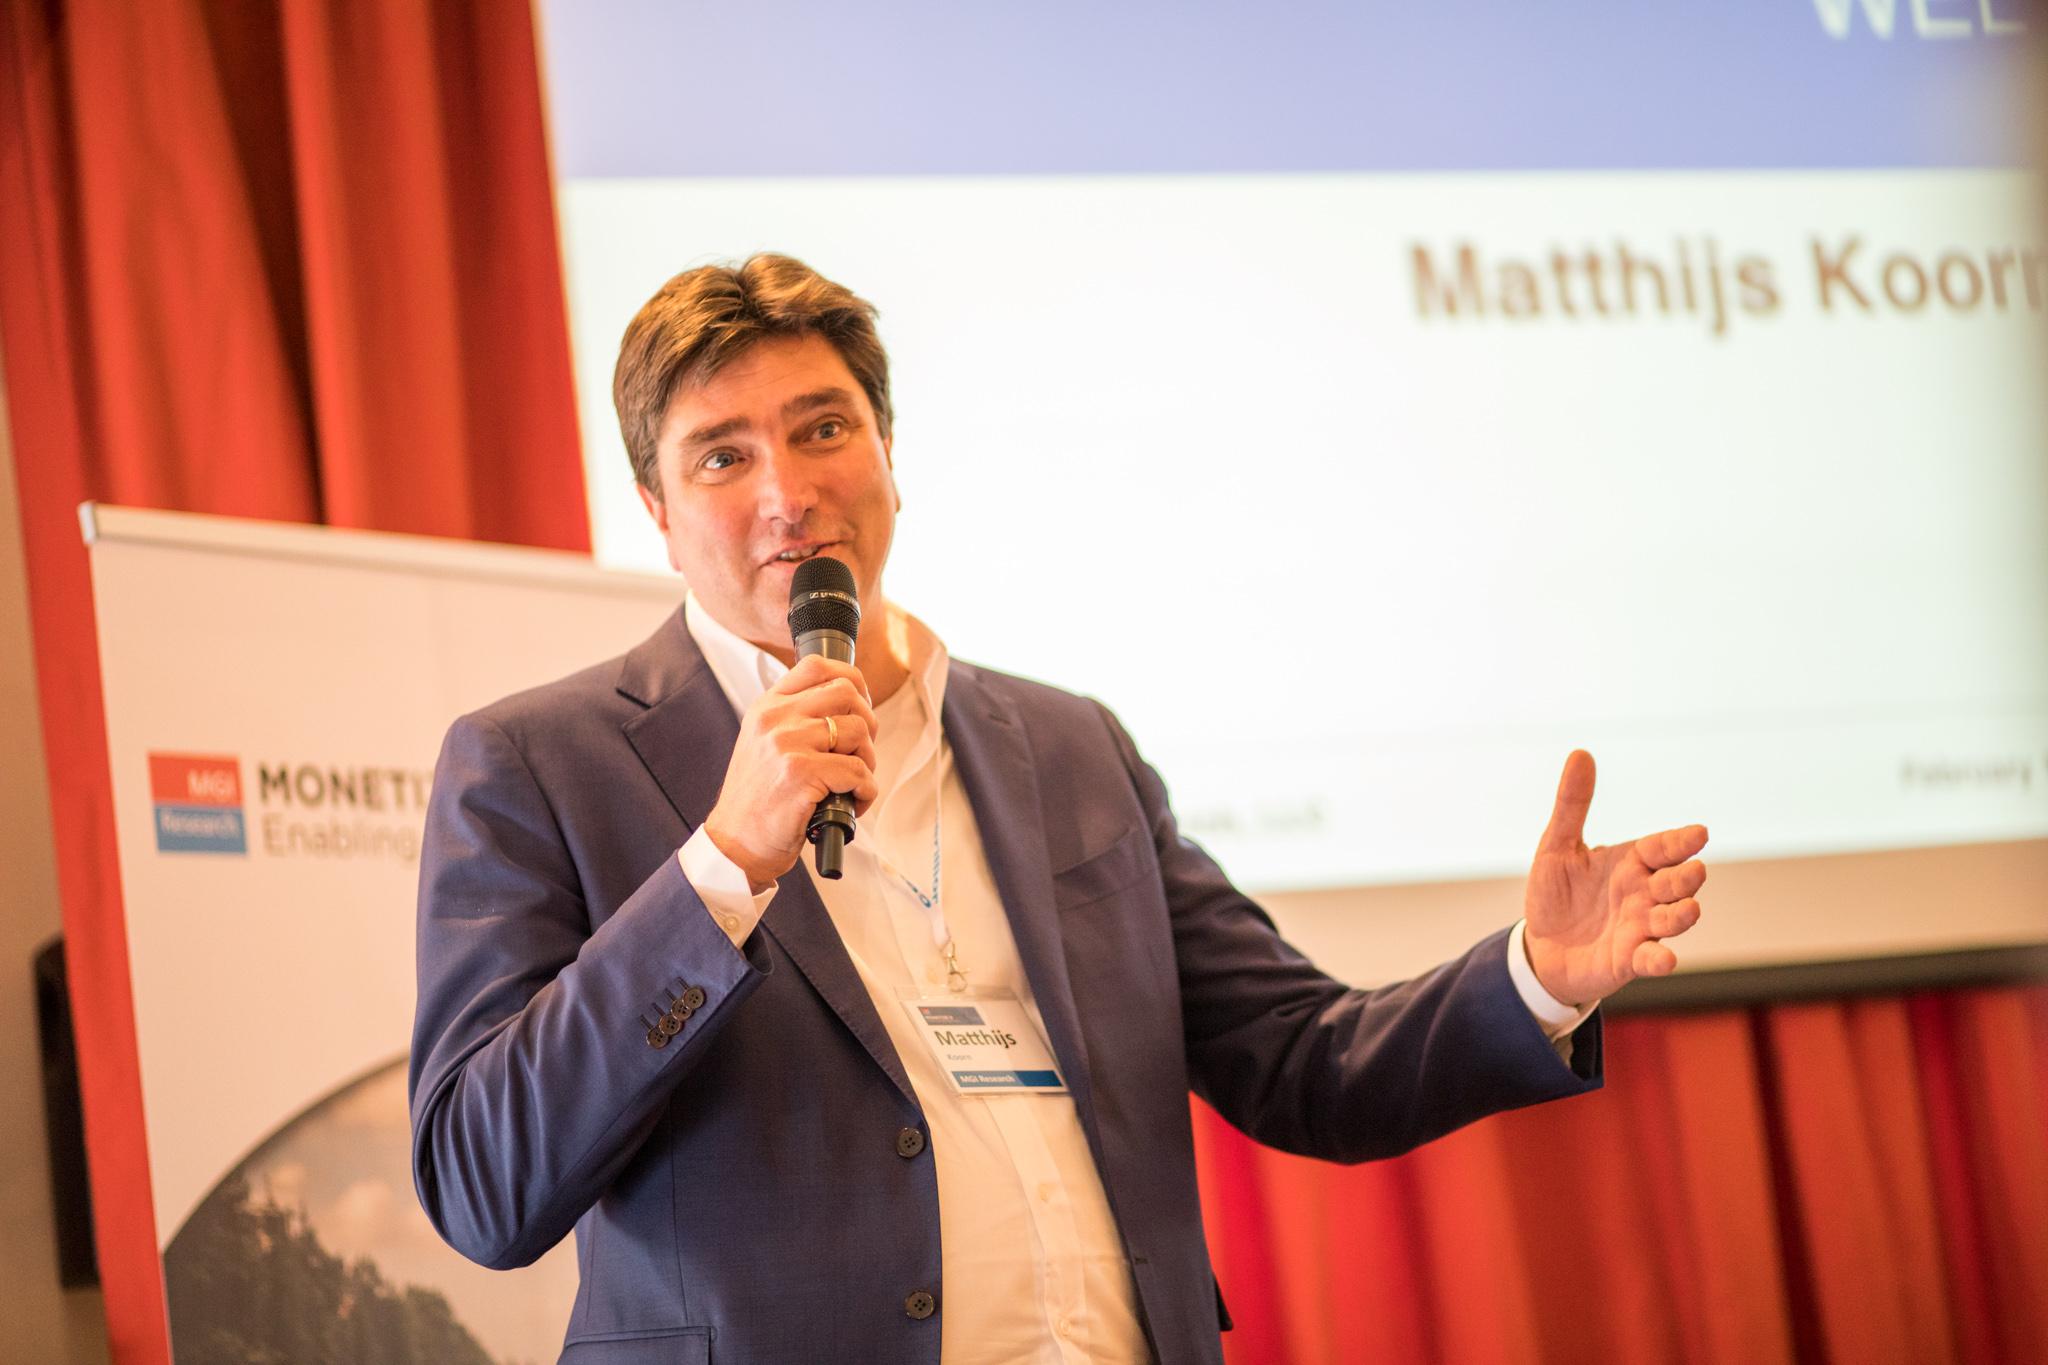 Matthijs Koorn